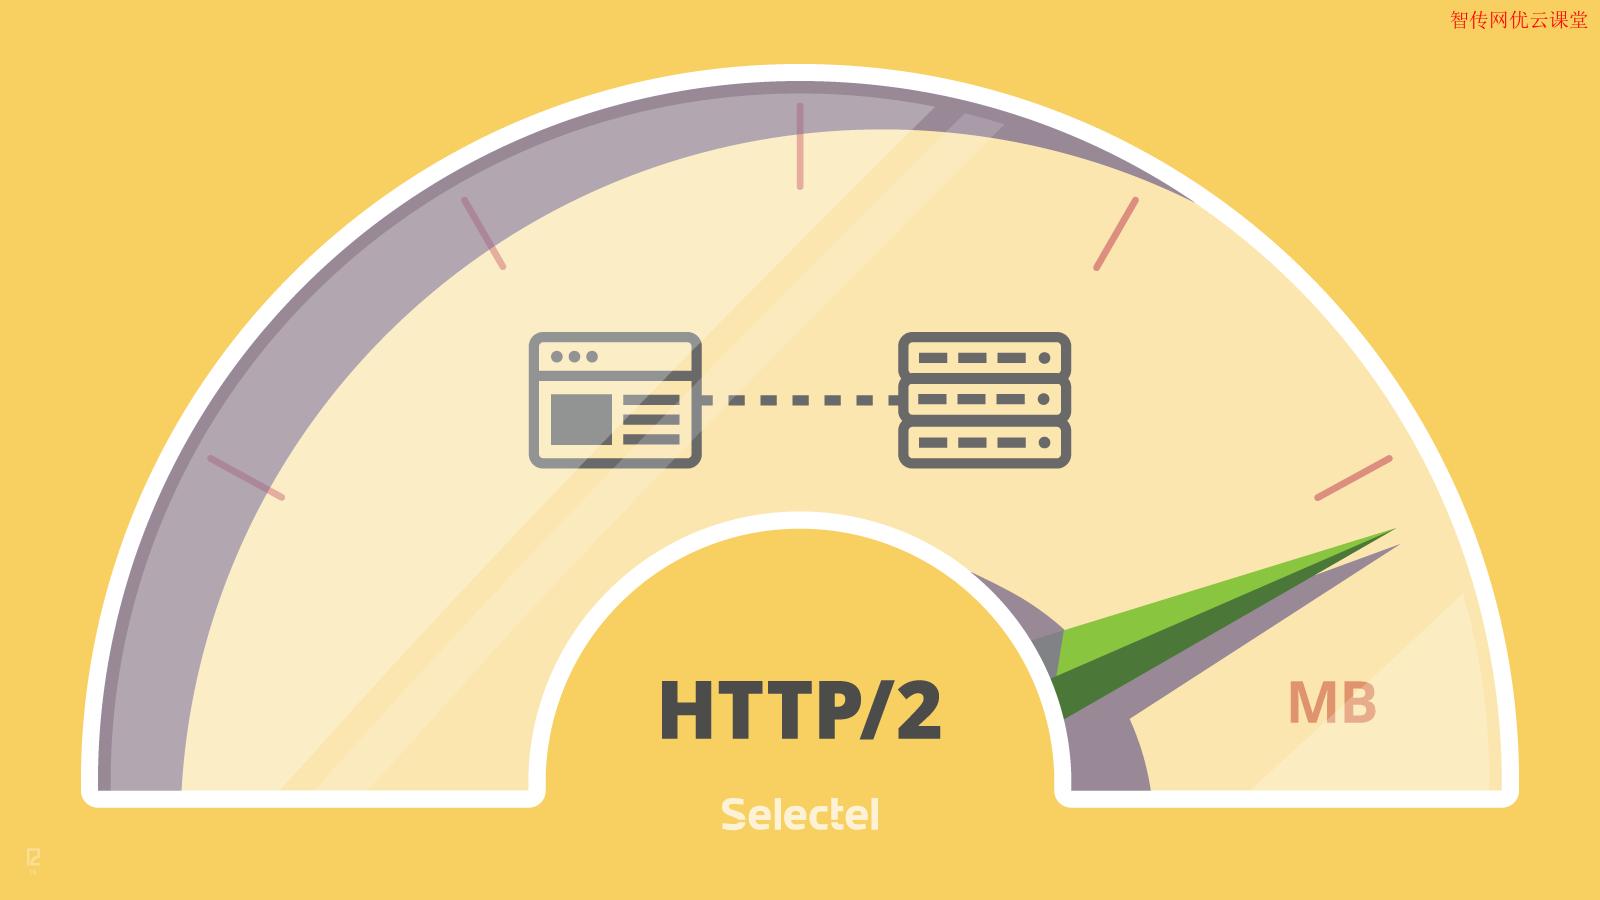 在RHEL8或者CentOS8系统上加载HTTP/2模块- mod_http2